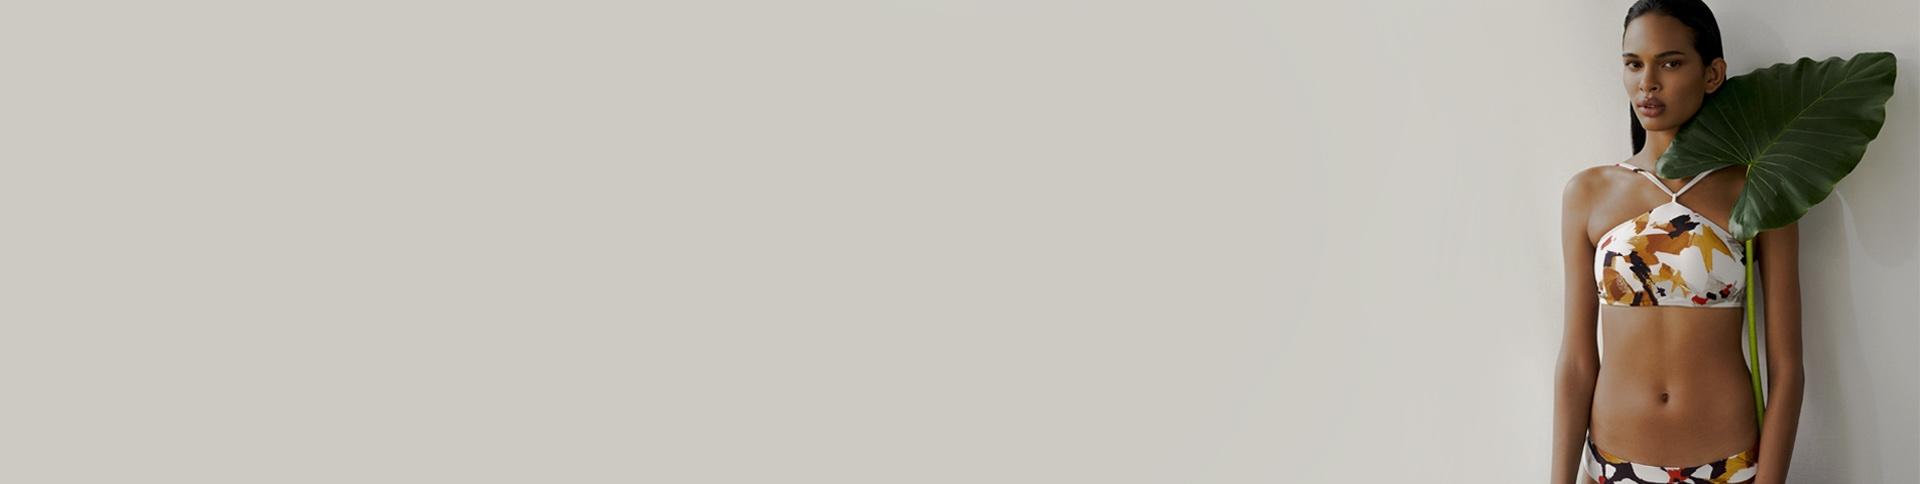 Iguatemi 365 - Lenny Niemeyer